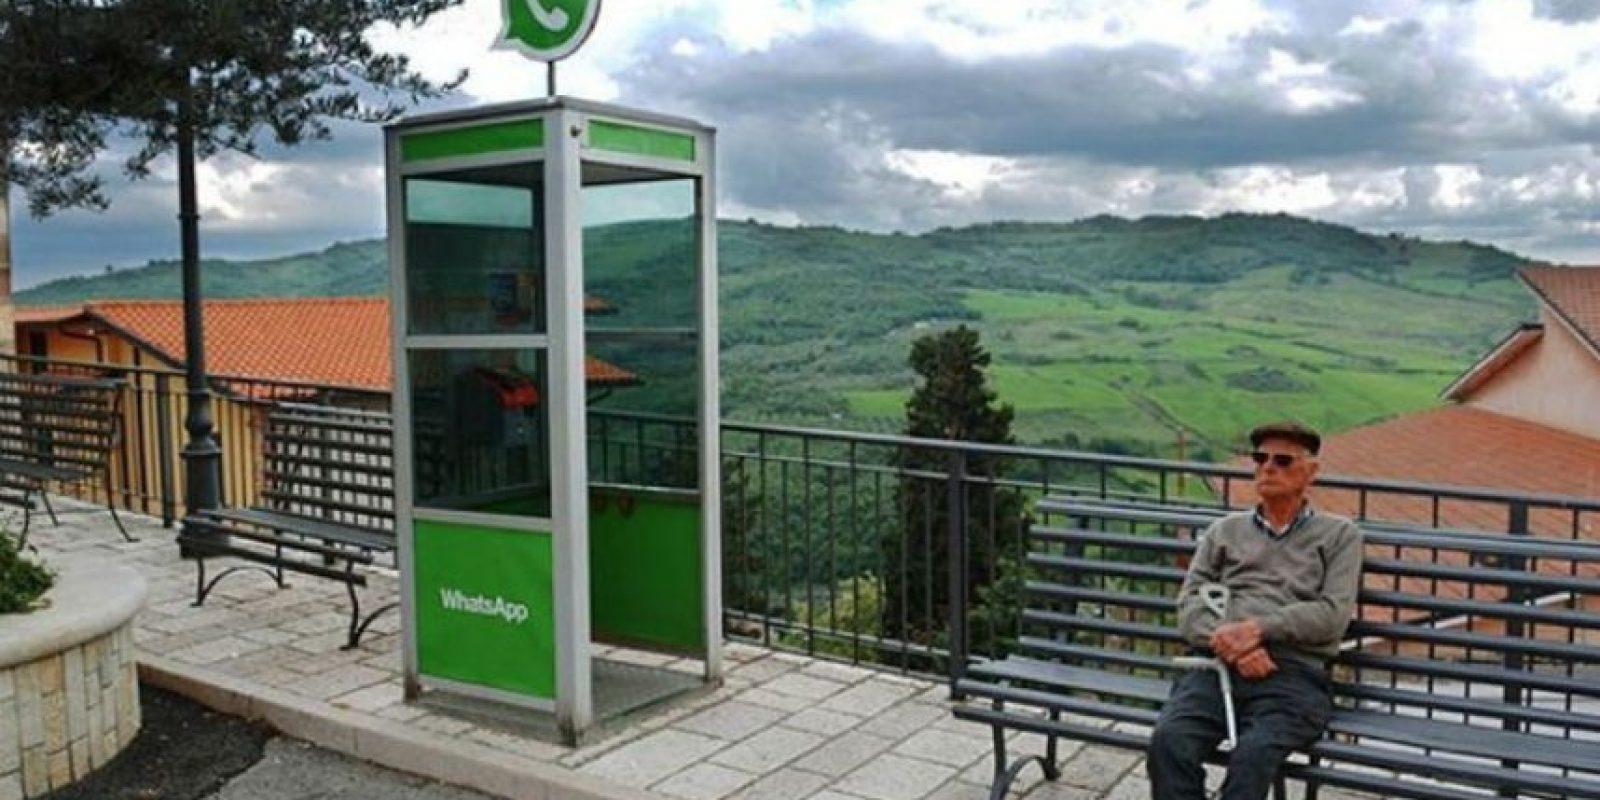 Una cabina de teléfono comparado con lo que ahora es WhatsApp. Foto:instagram.com/biancoshock/